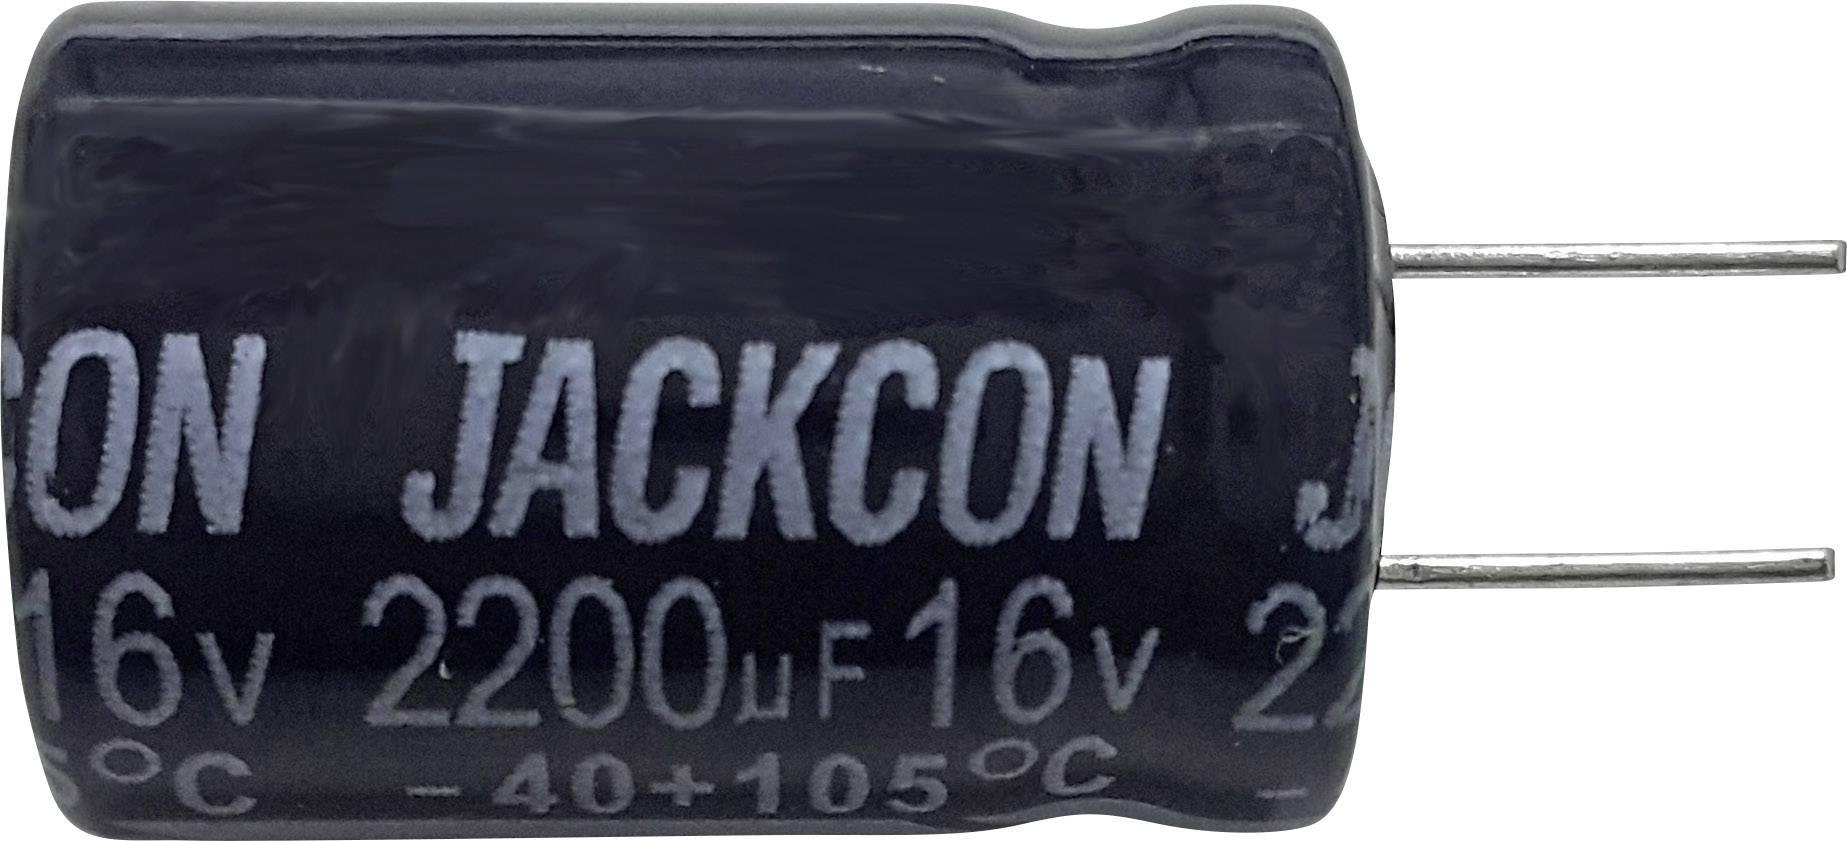 Subminiatúrny elektrolytický kondenzátor 5 mm, 1000 µF, 35 V, 20 %, 1 ks